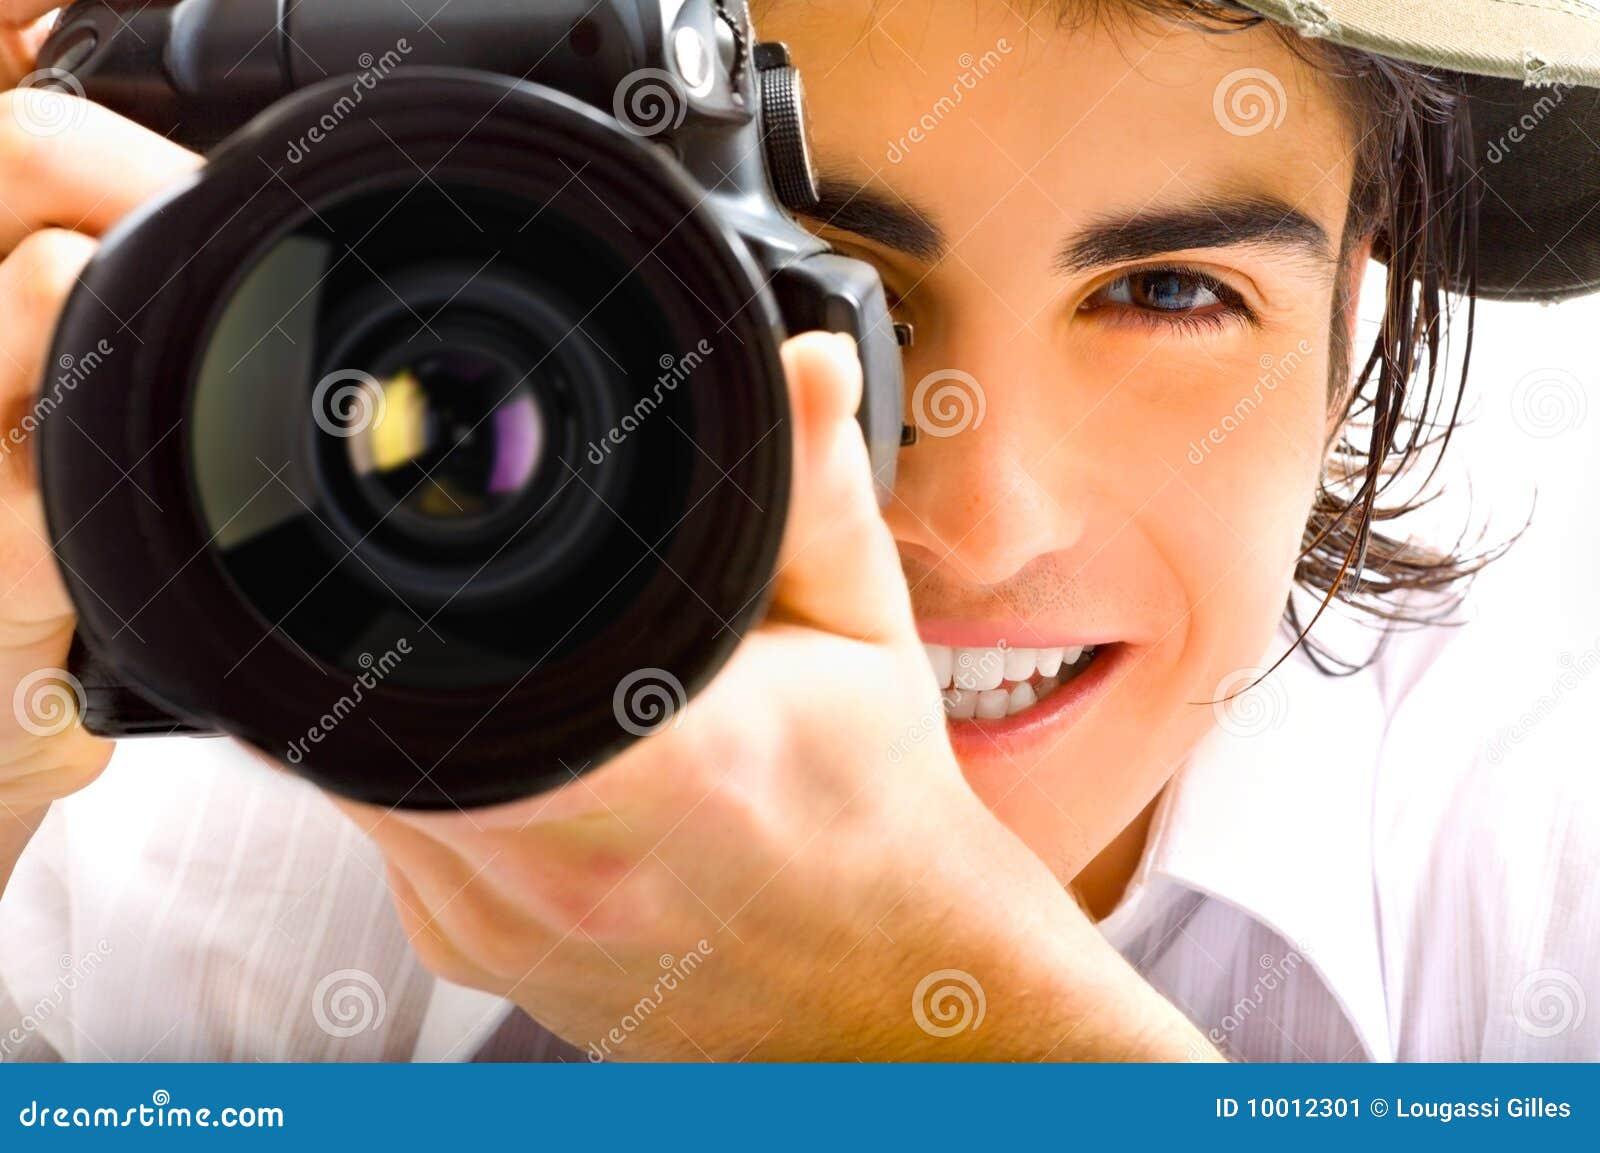 Repórter com câmera